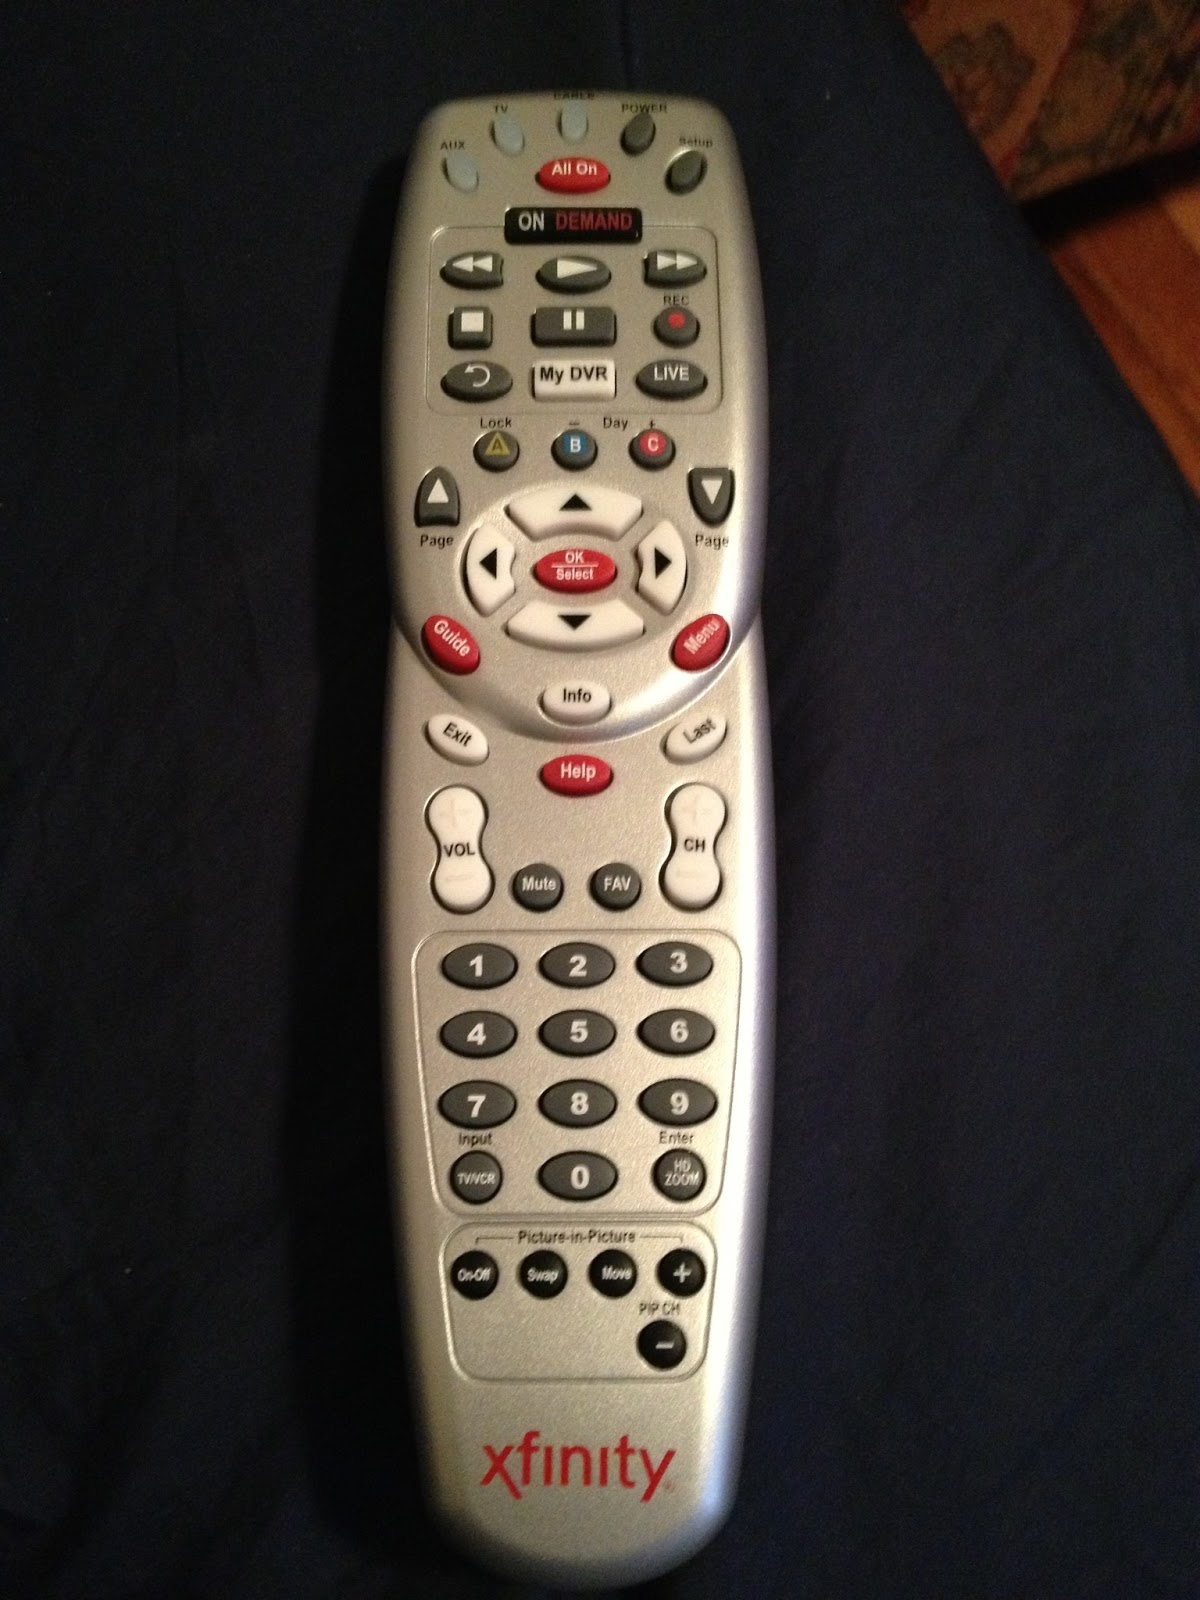 How to Program an Xfinity Remote foto